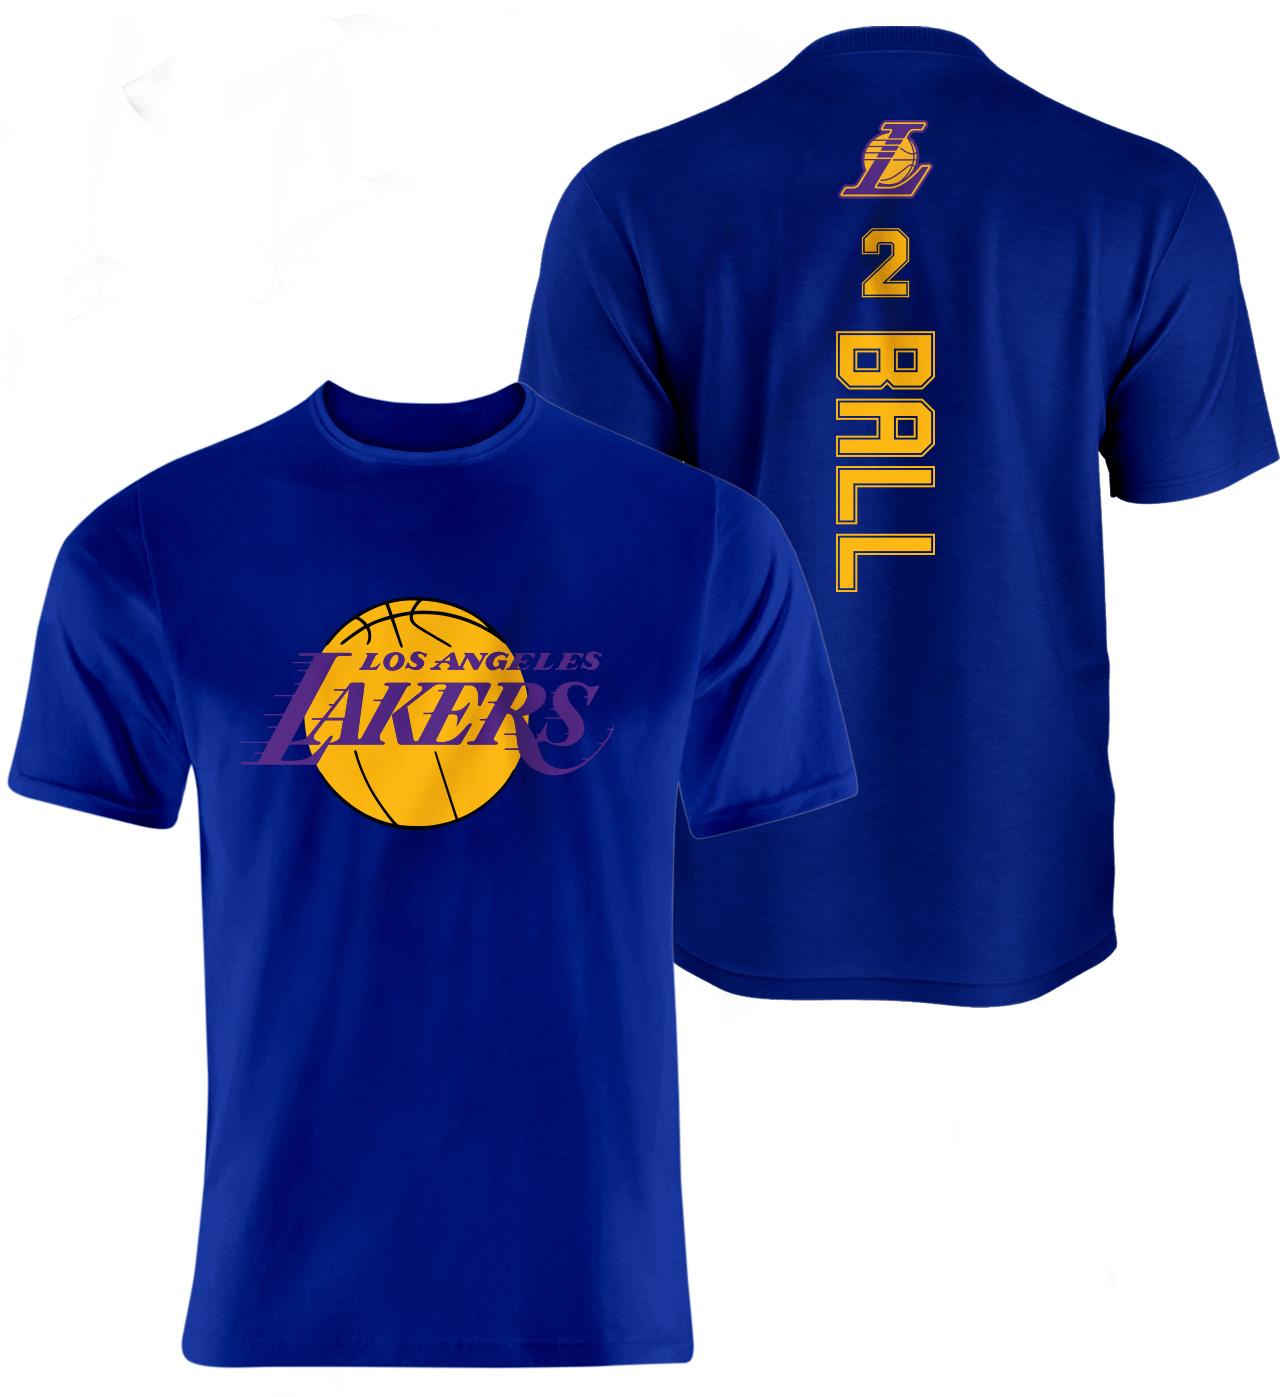 L.A. Lakers Lonzo Ball Vertical Tshirt (TSH-BLU-136-PLYR-LAL-BALL.VER)